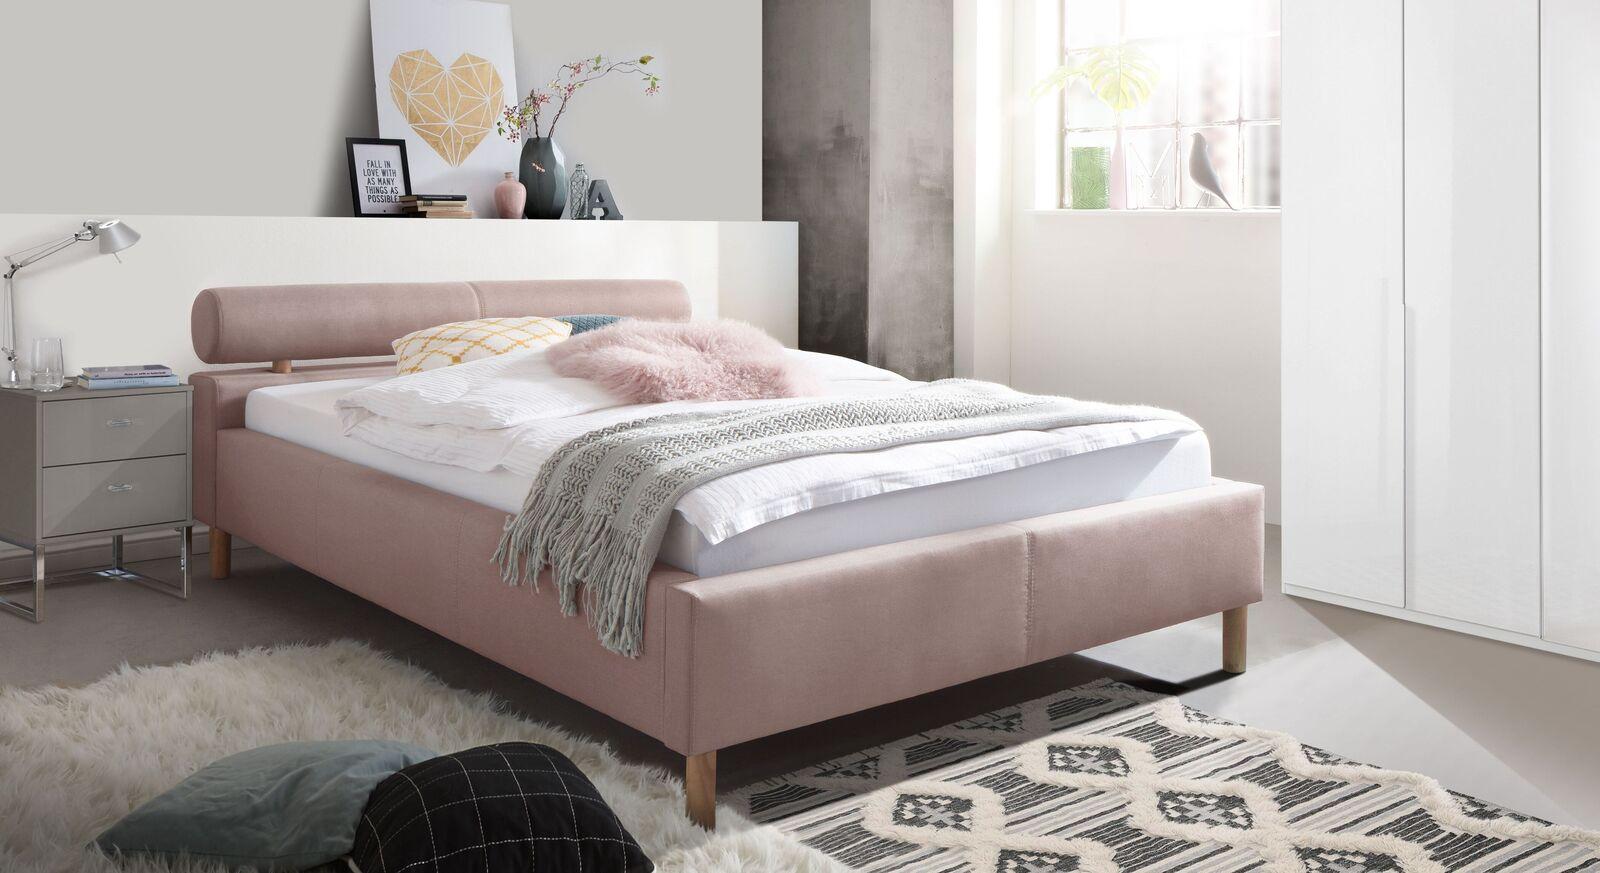 Bett Dorado mit passenden Schlafzimmermöbeln